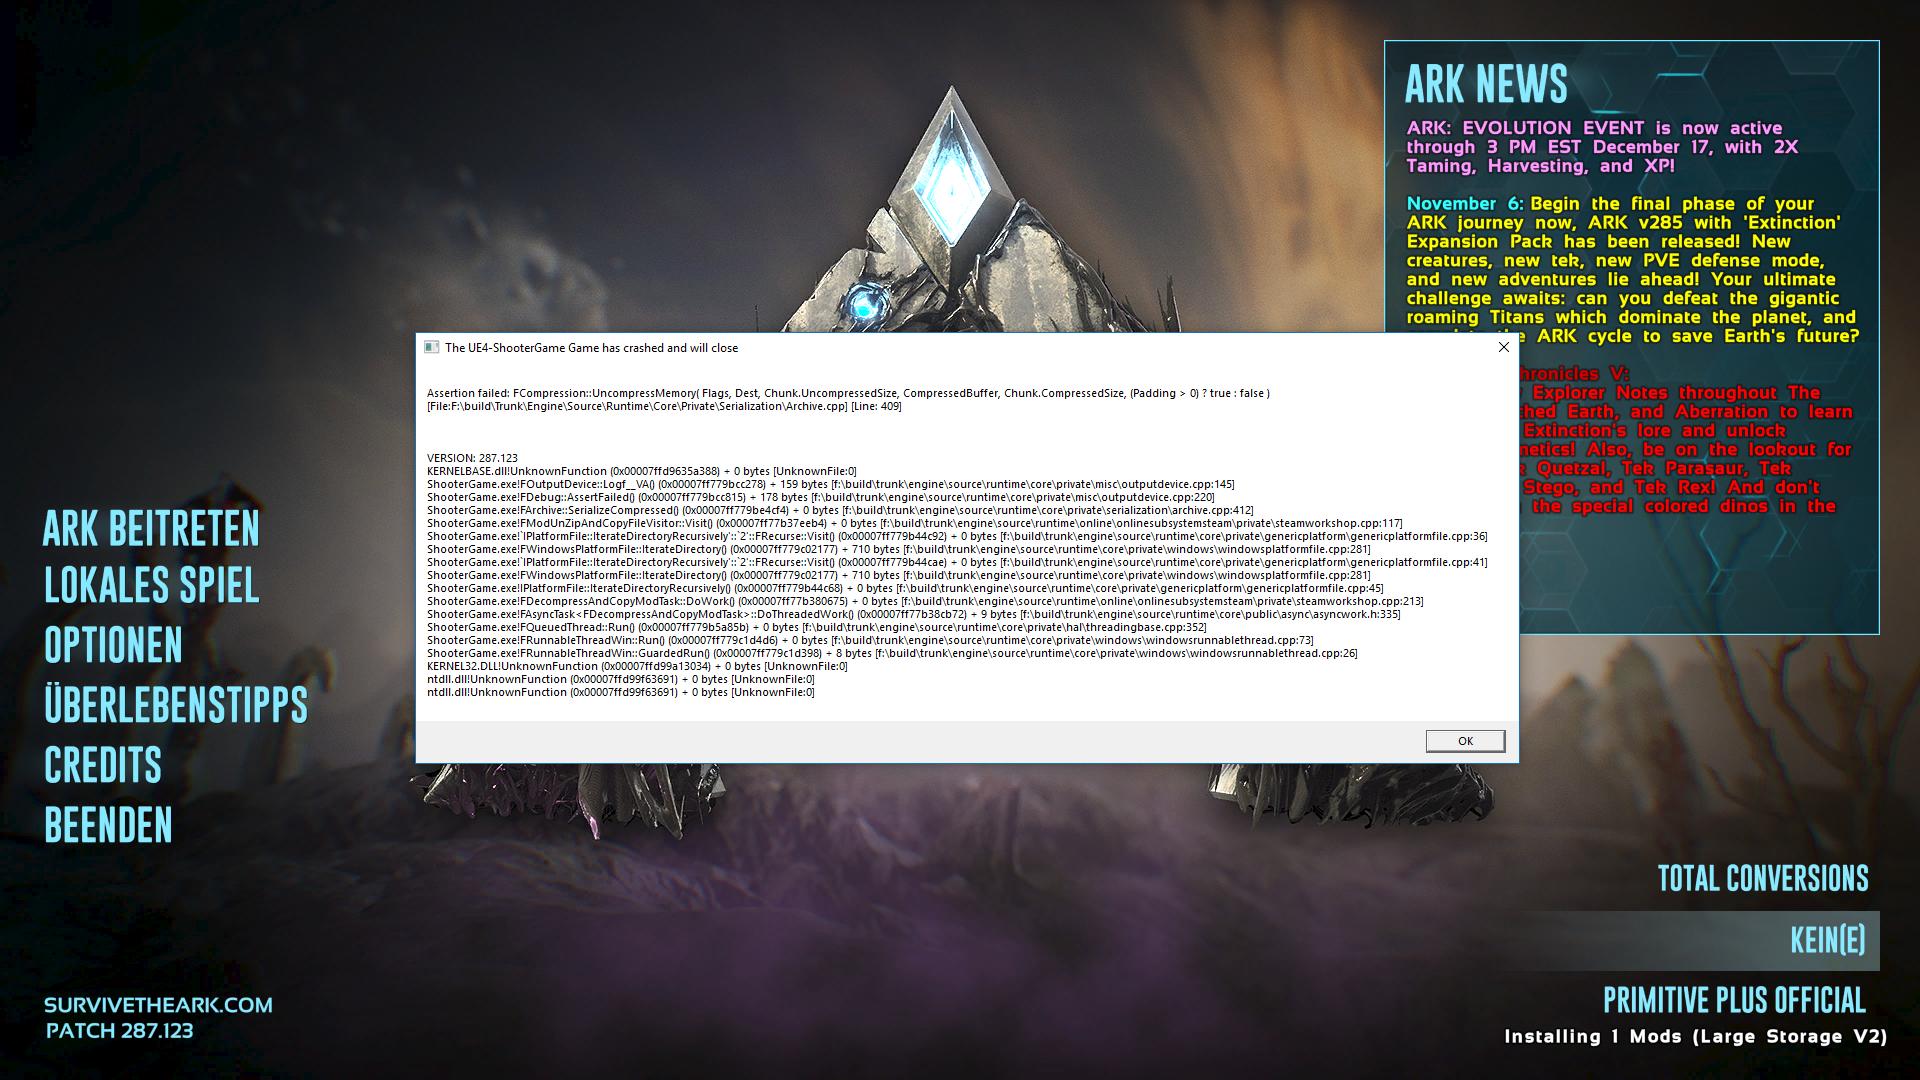 Ark Mod Fehler Meldung